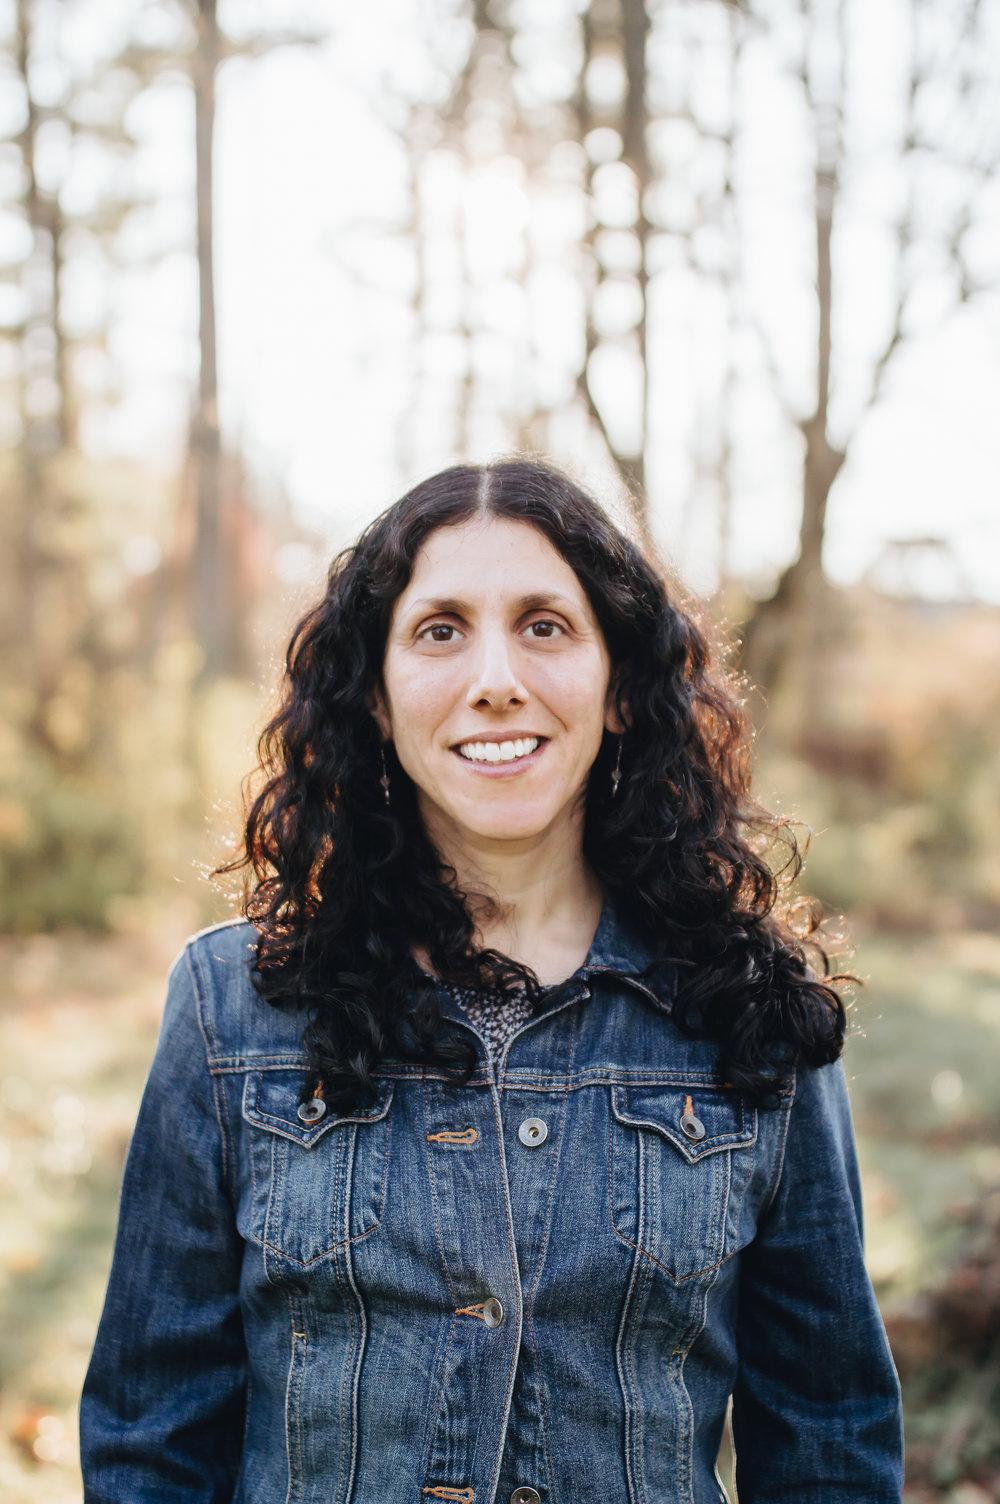 Samantha_Ehrlich - EDITS-25.jpg